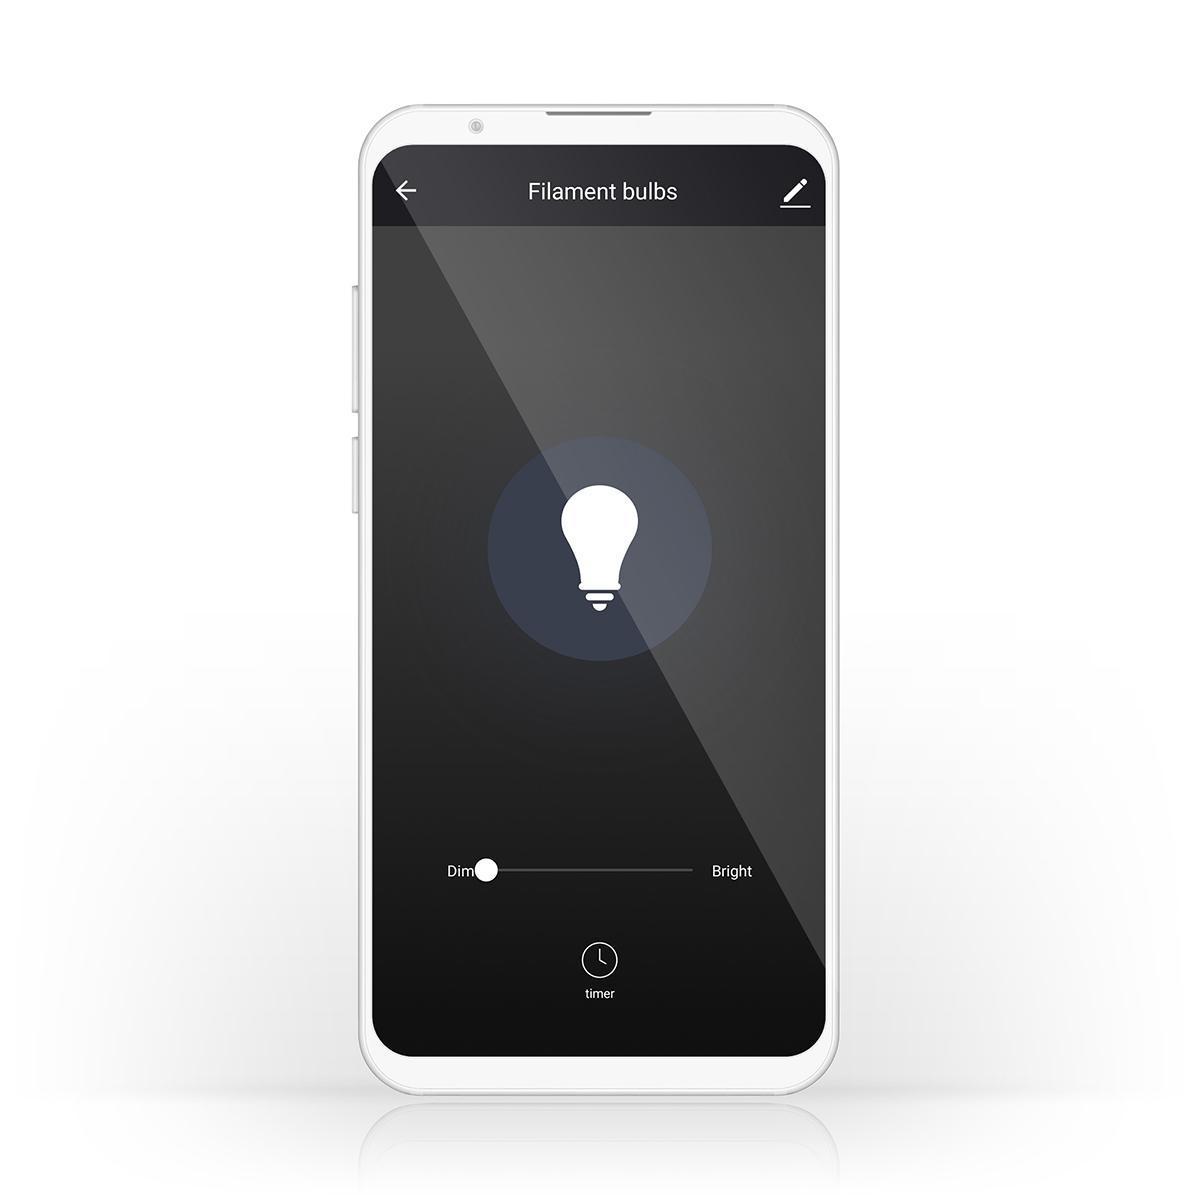 Slimme globe G125 filament lamp Wifi - E27 - 5 watt - warm wit - app besturing